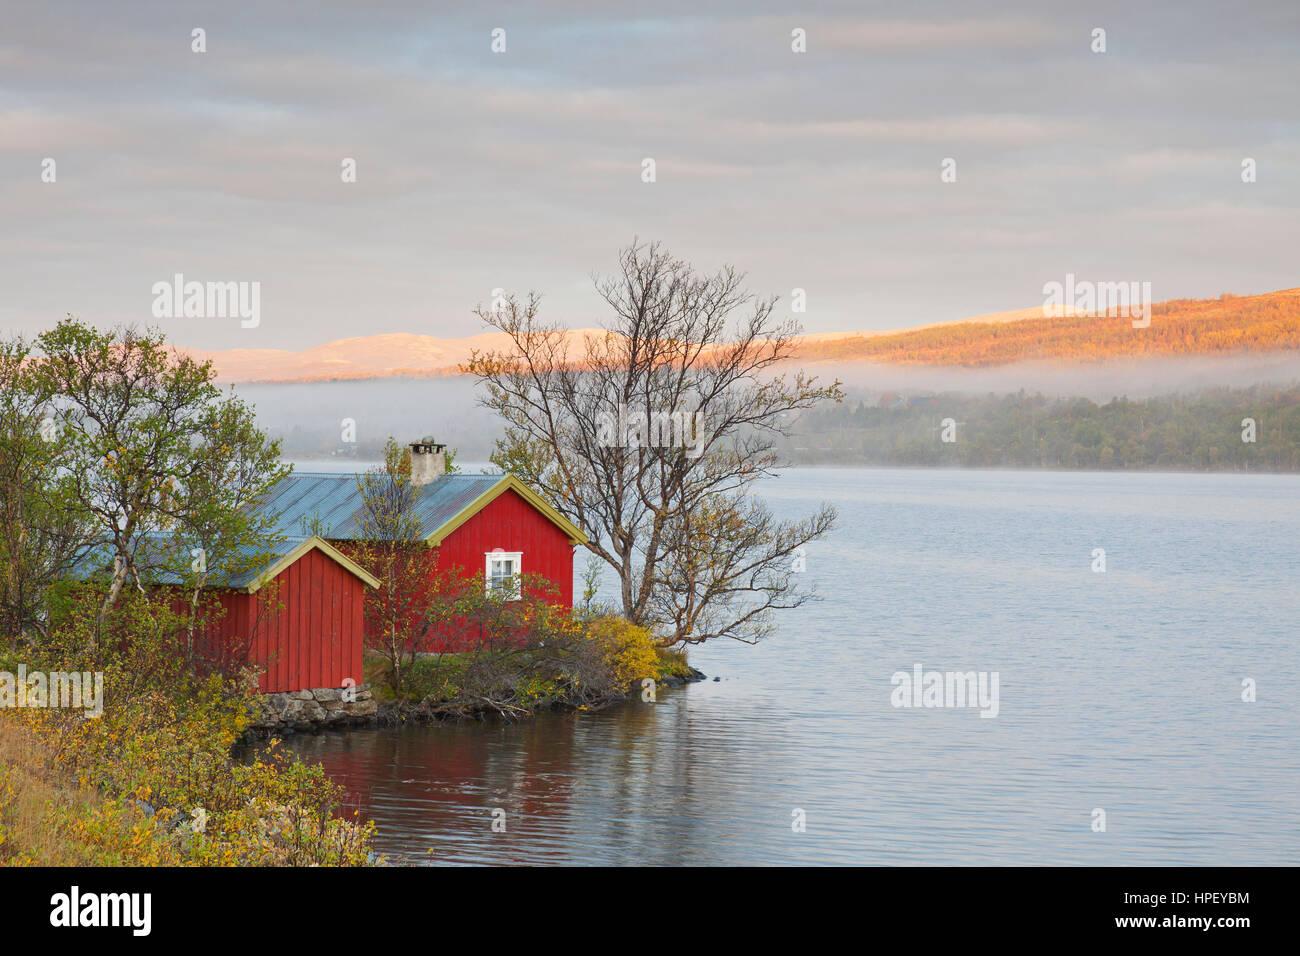 Rorbu typique rouge / rorbuer cabane de pêcheur ou le long du lac Avsjoen / Avsjøen en automne à Photo Stock